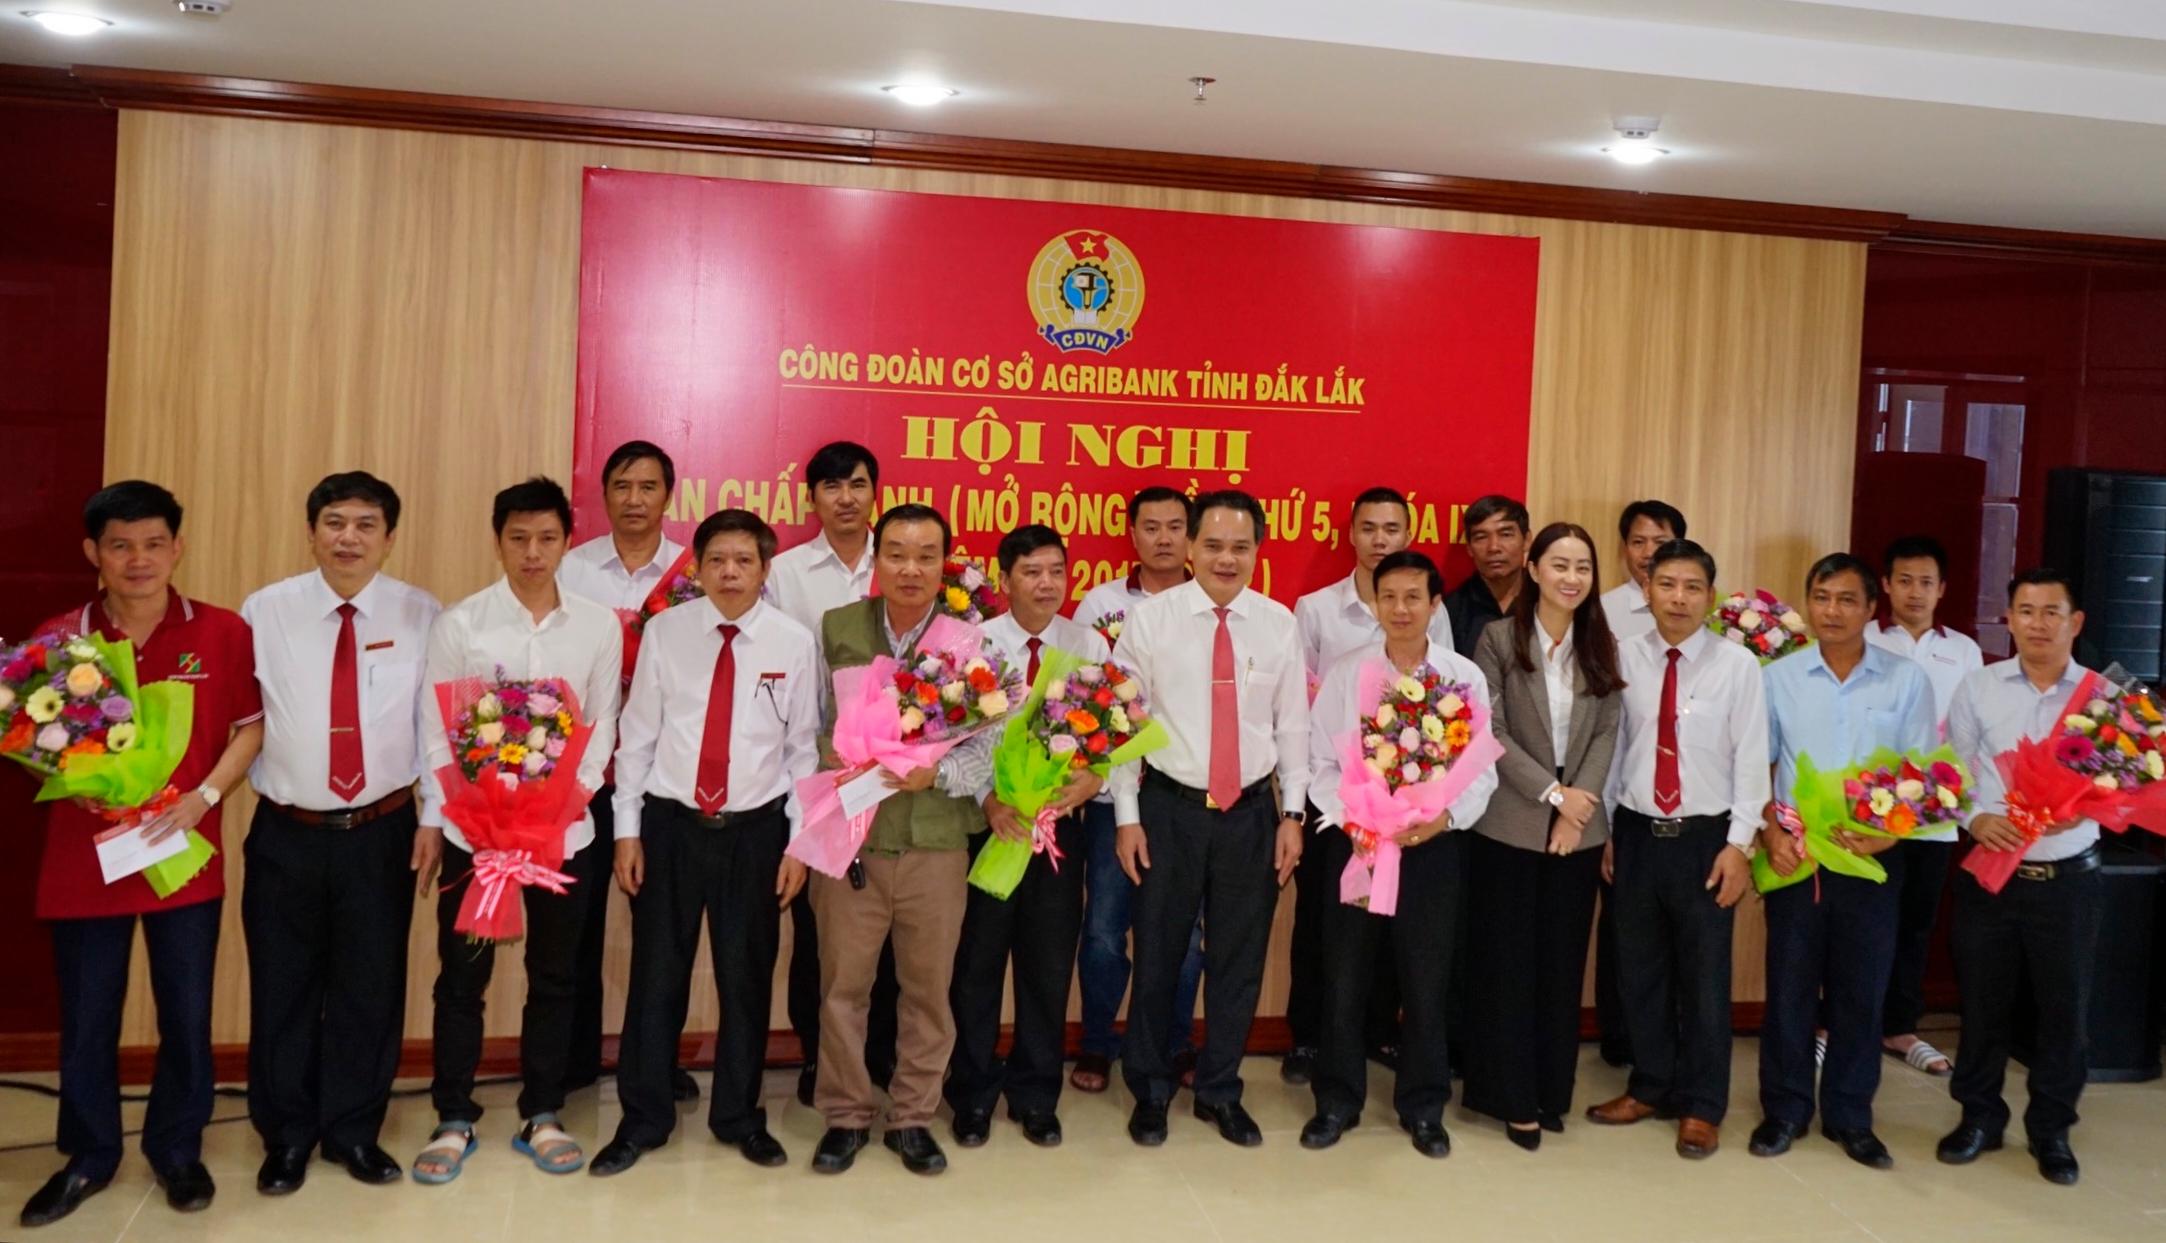 Agribank tỉnh Đắk Lắk gặp mặt cán bộ viên chức, người lao động trong đơn vị là bộ đội xuất ngũ